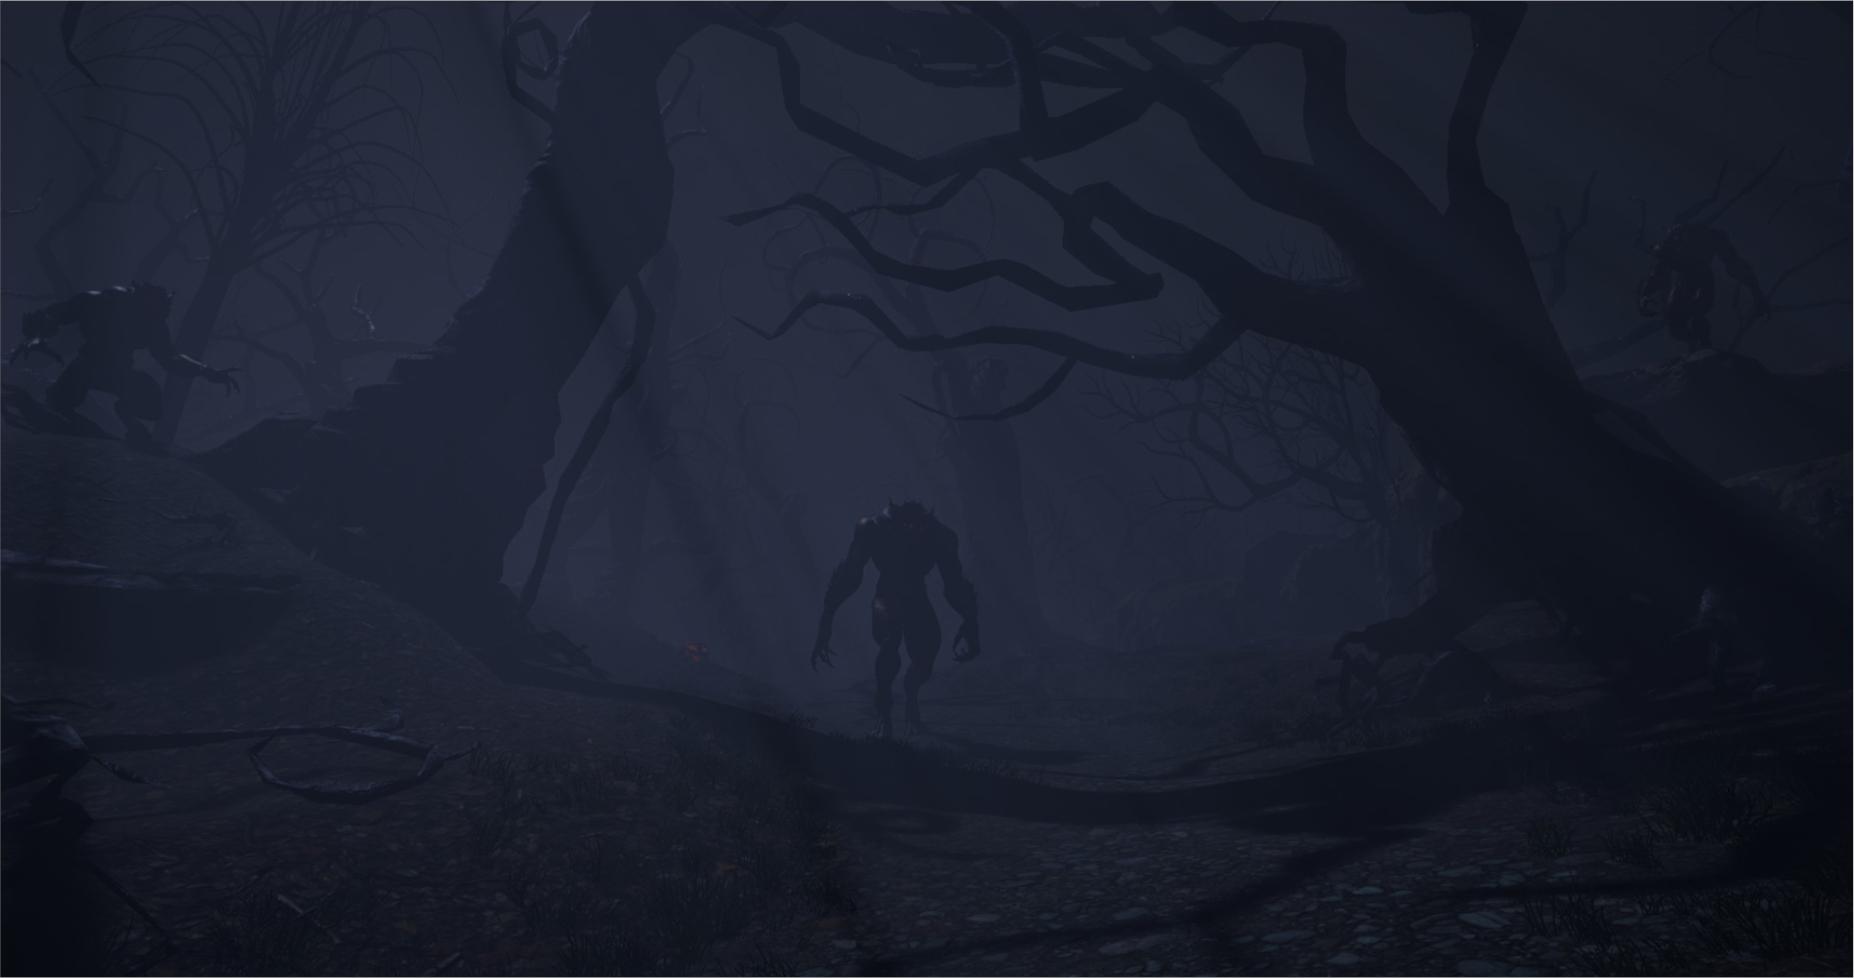 Forrest werewolf